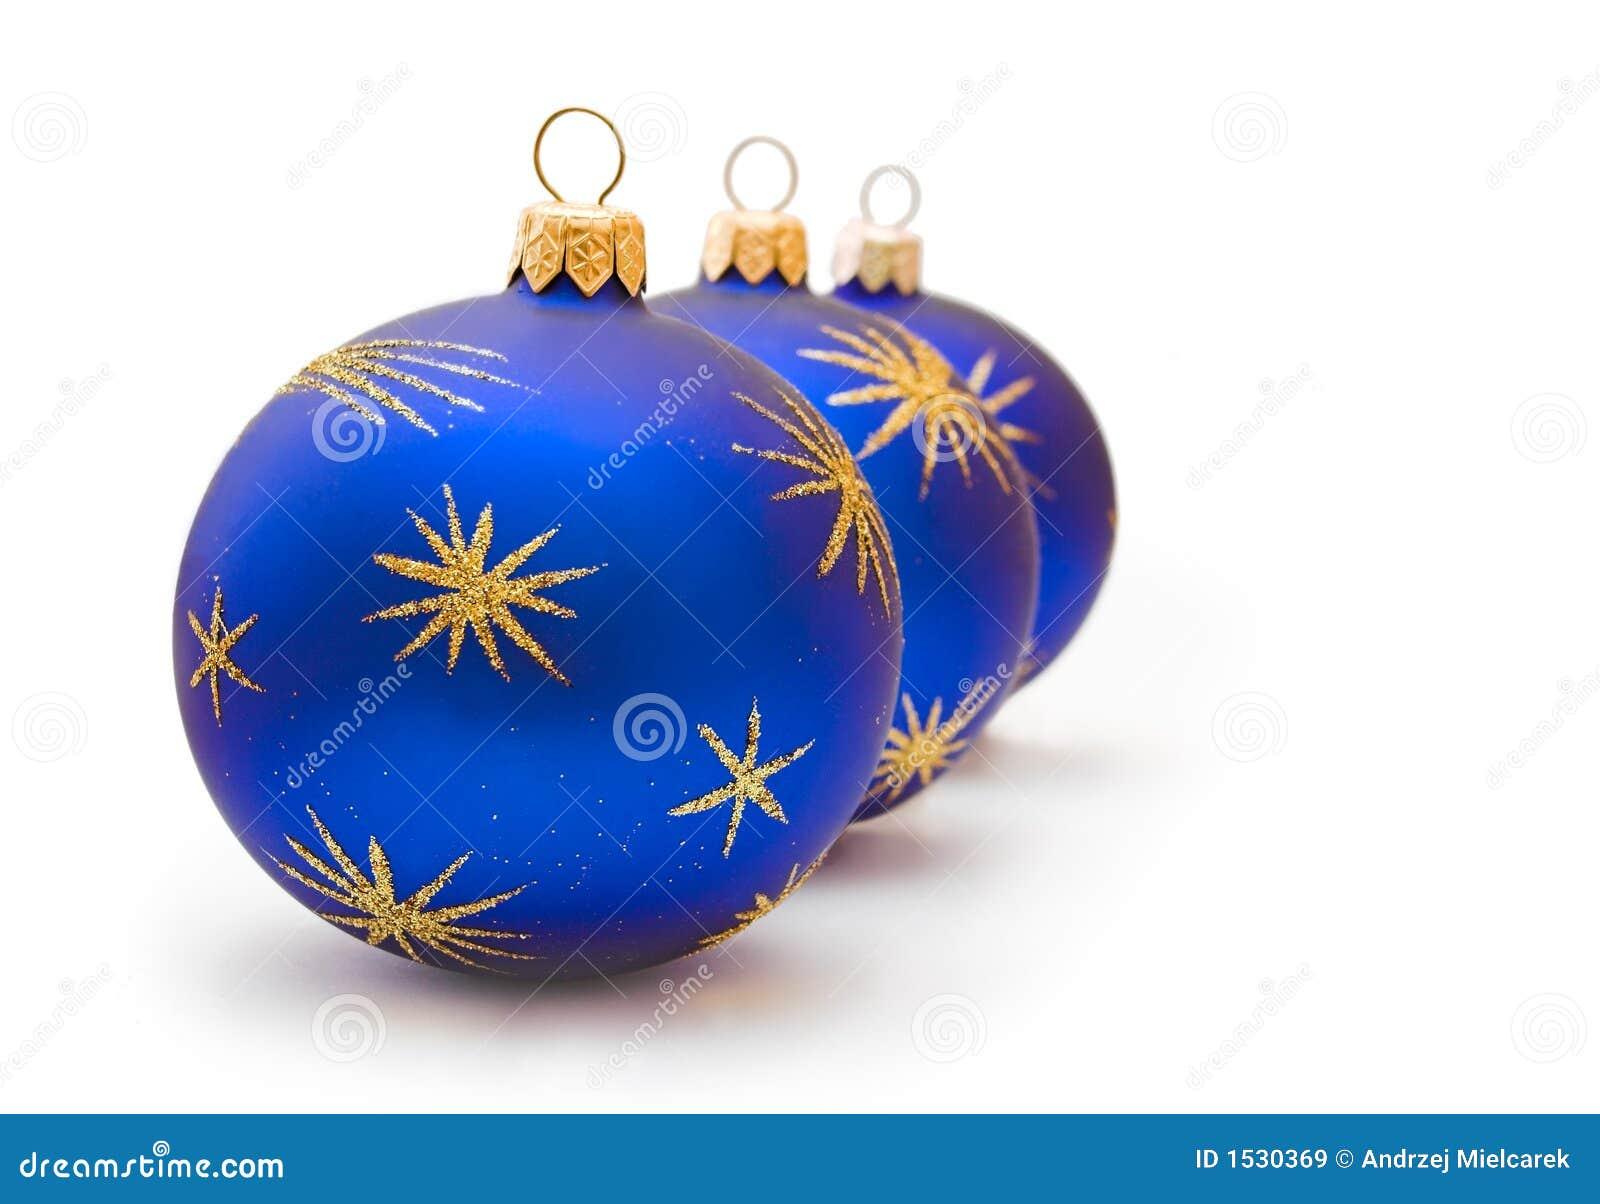 Bolas azul marino de la navidad im genes de archivo libres de regal as imagen 1530369 - Fotos de bolas de navidad ...